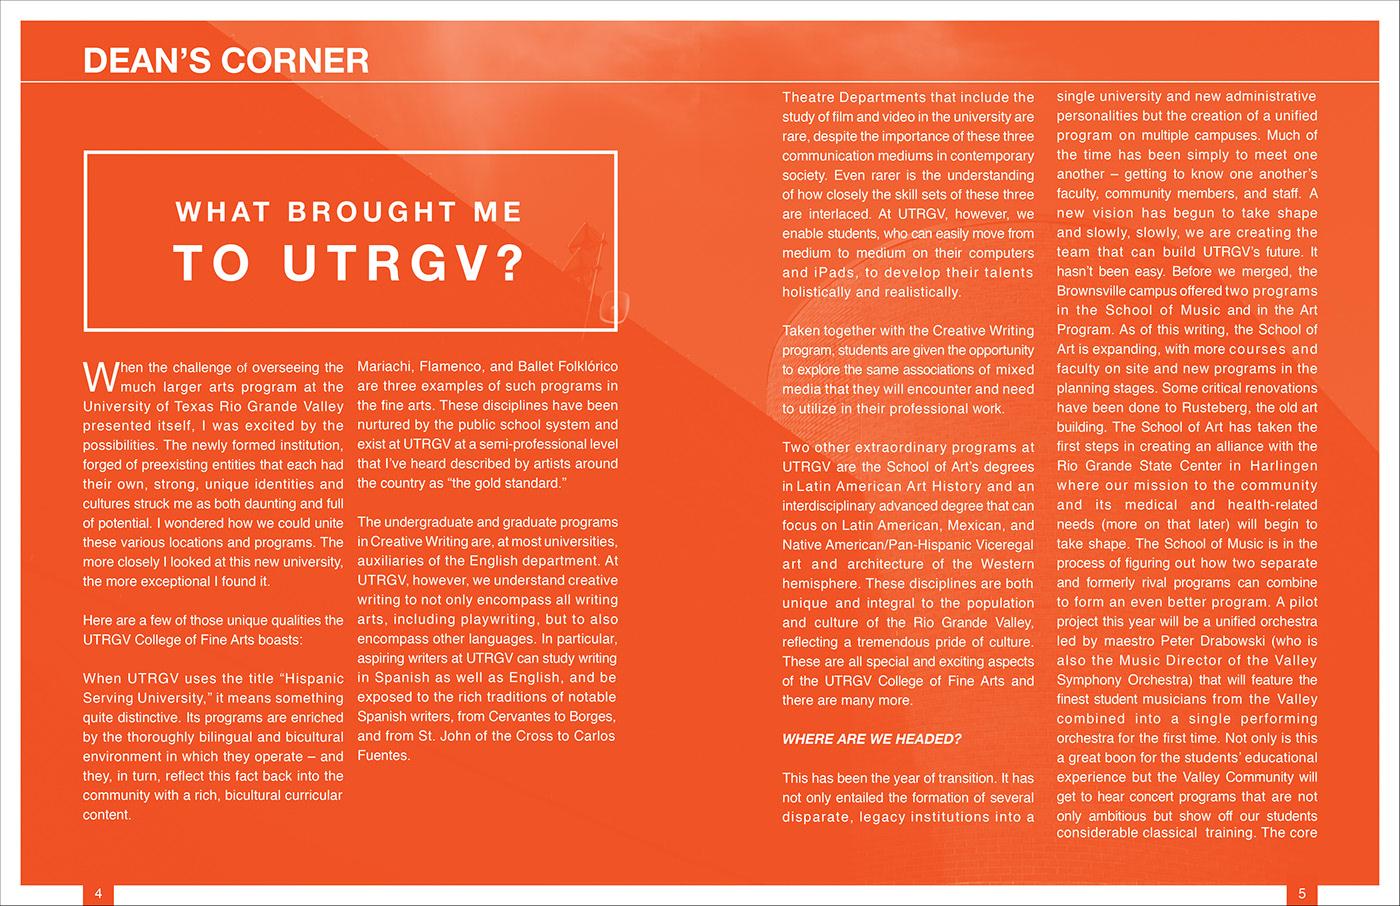 UTRGV INDIGO-AWARD